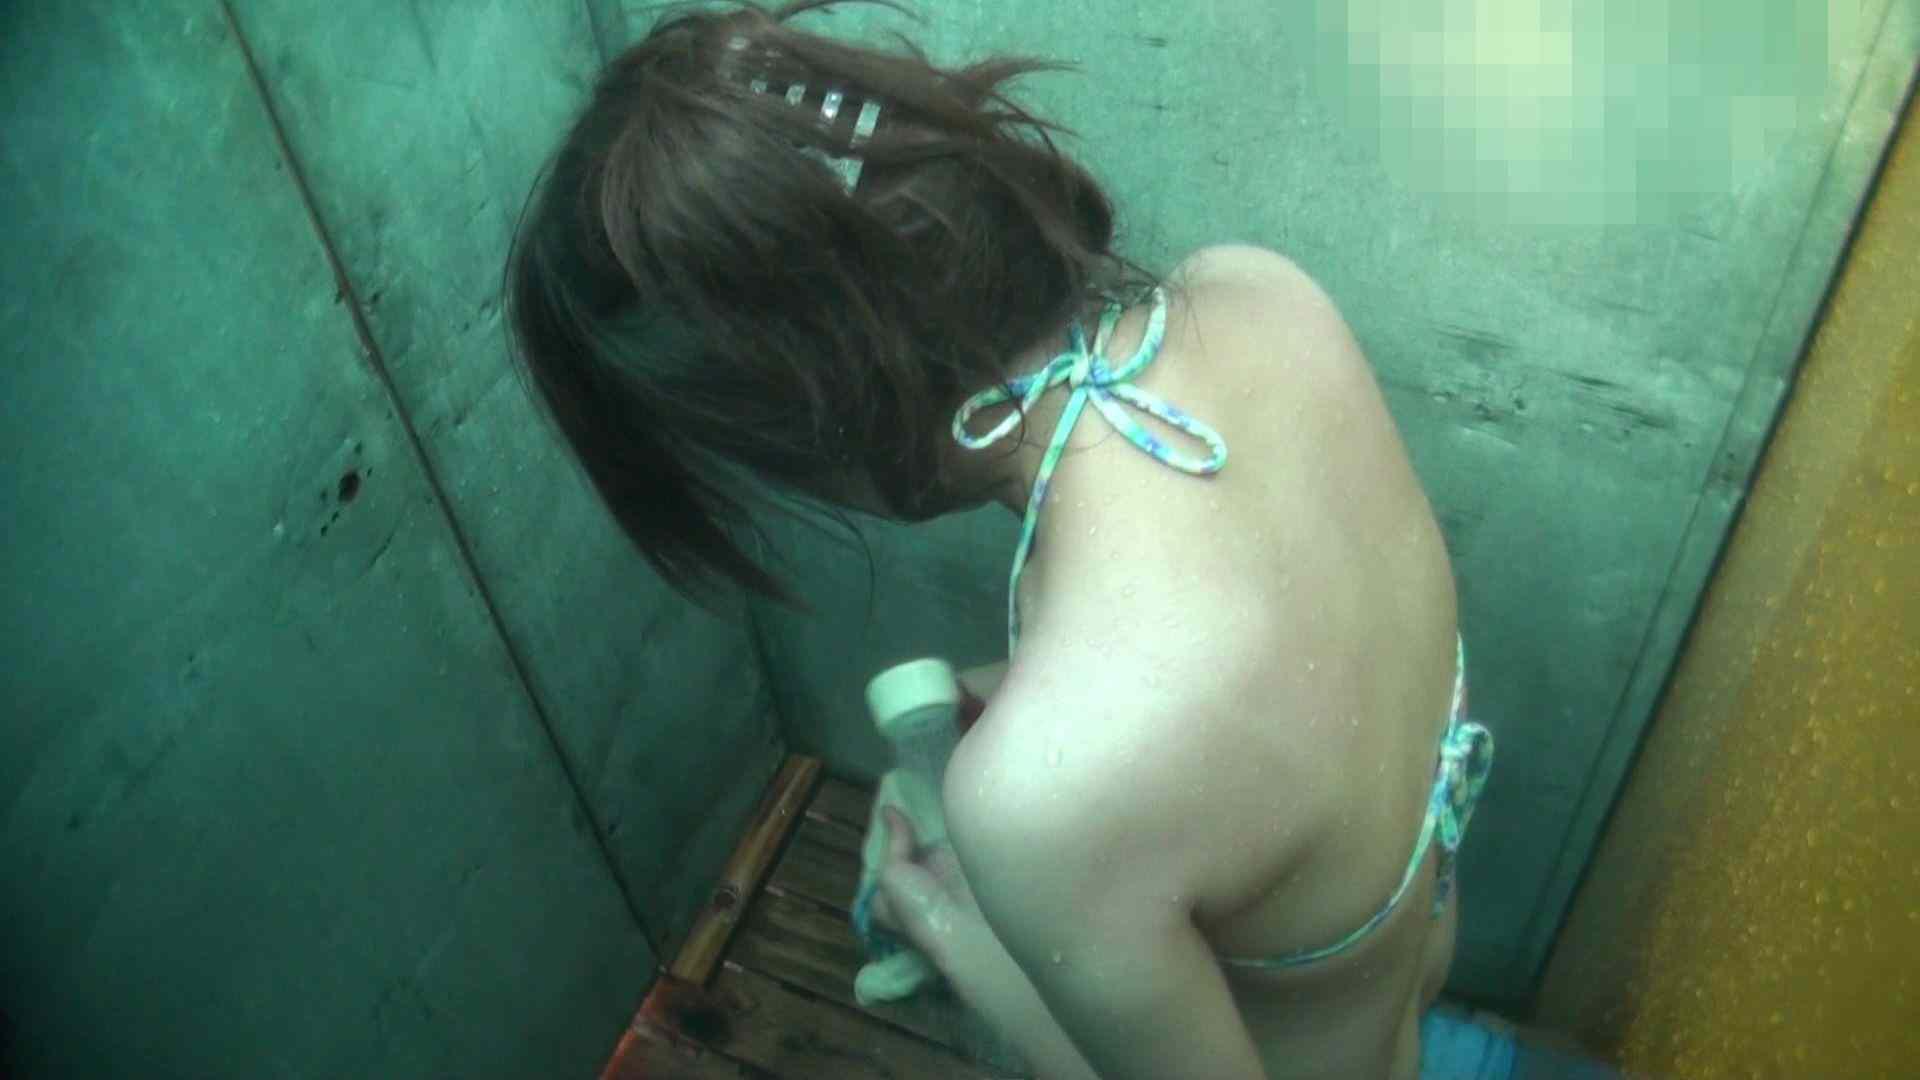 シャワールームは超!!危険な香りVol.15 残念ですが乳首未確認 マンコの砂は入念に OLセックス 覗きスケベ動画紹介 51画像 22